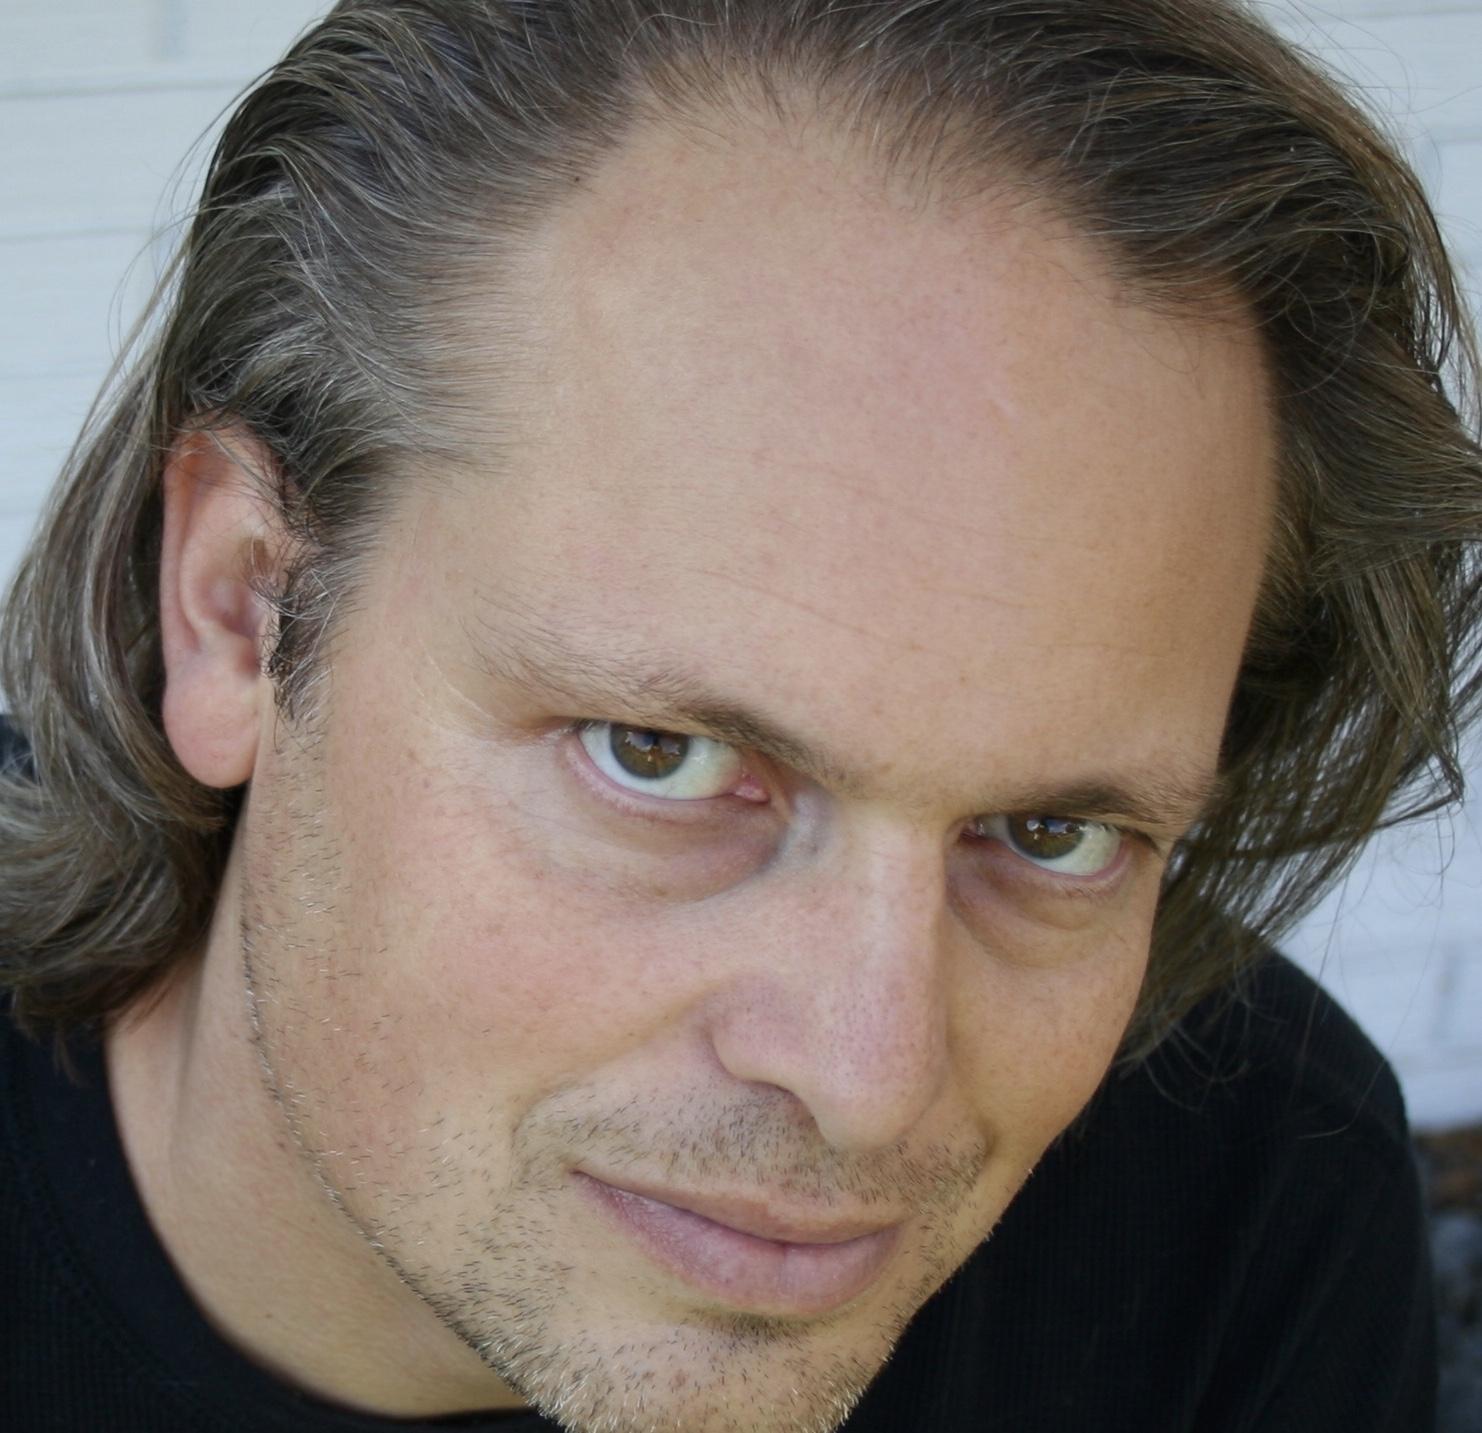 Jarrod Thalheimer